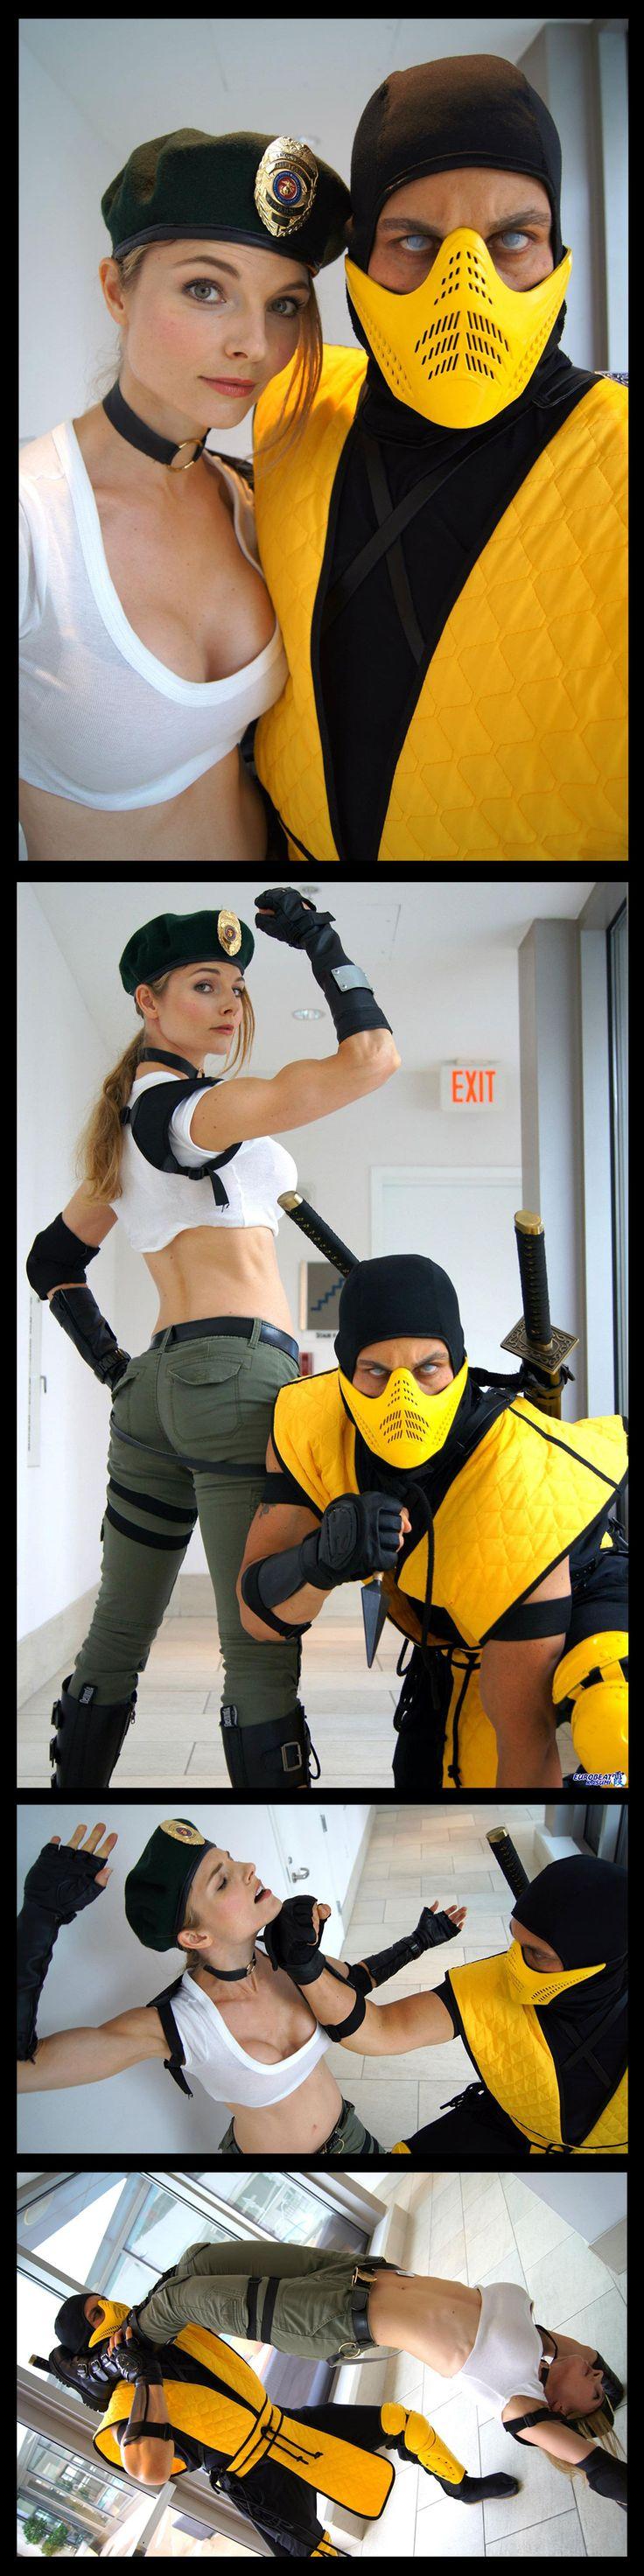 Dan Deanna Krahn-Sarkar Mortal Combat Cosplay http://danquish.deviantart.com/gallery/